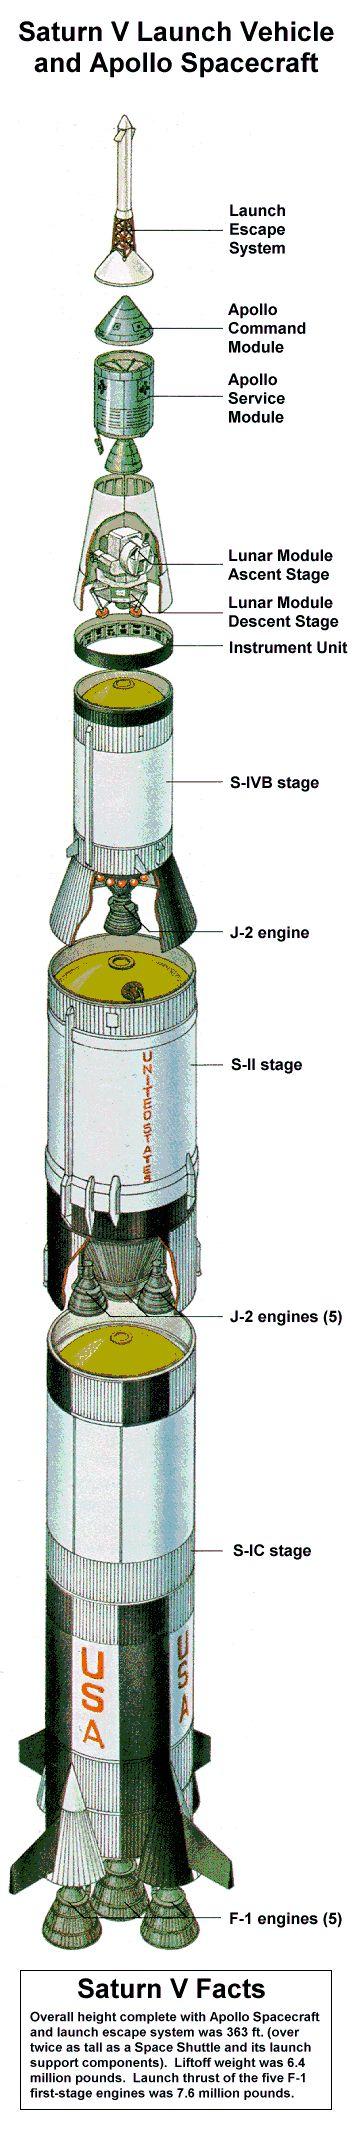 Saturn V - http://www.apolloarchive.com/apollo/sat5_diagram.gif